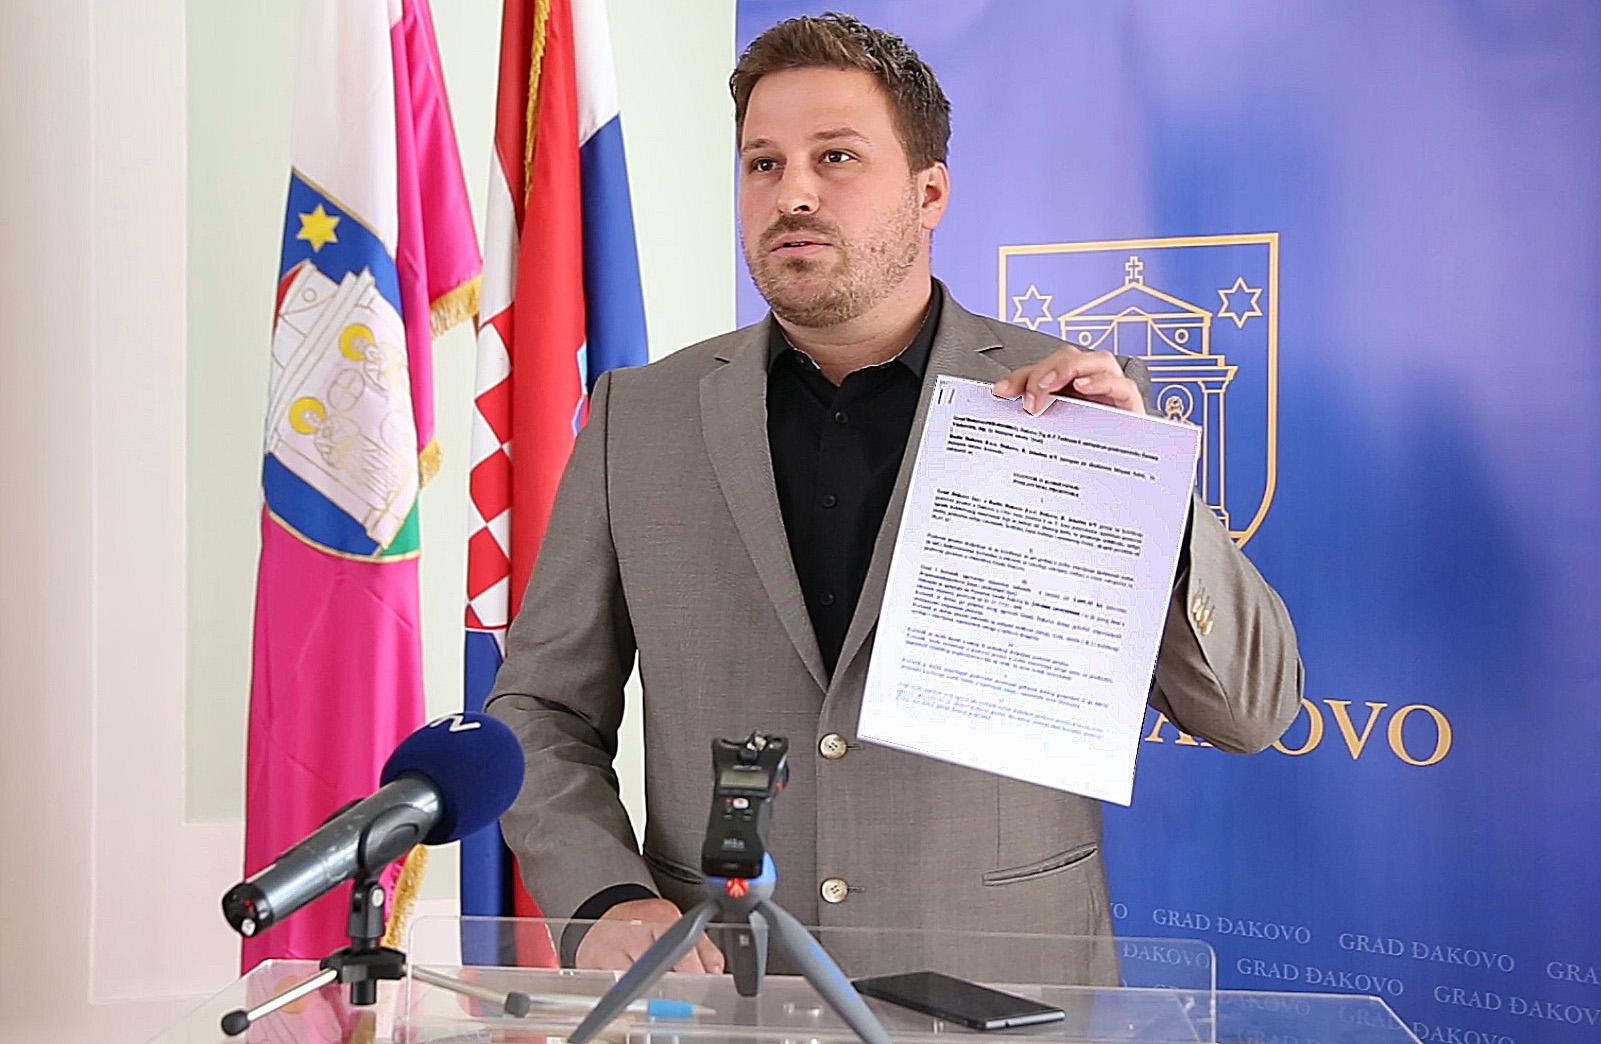 Press konferencija gradonačelnika Đakova Marina Mandarića